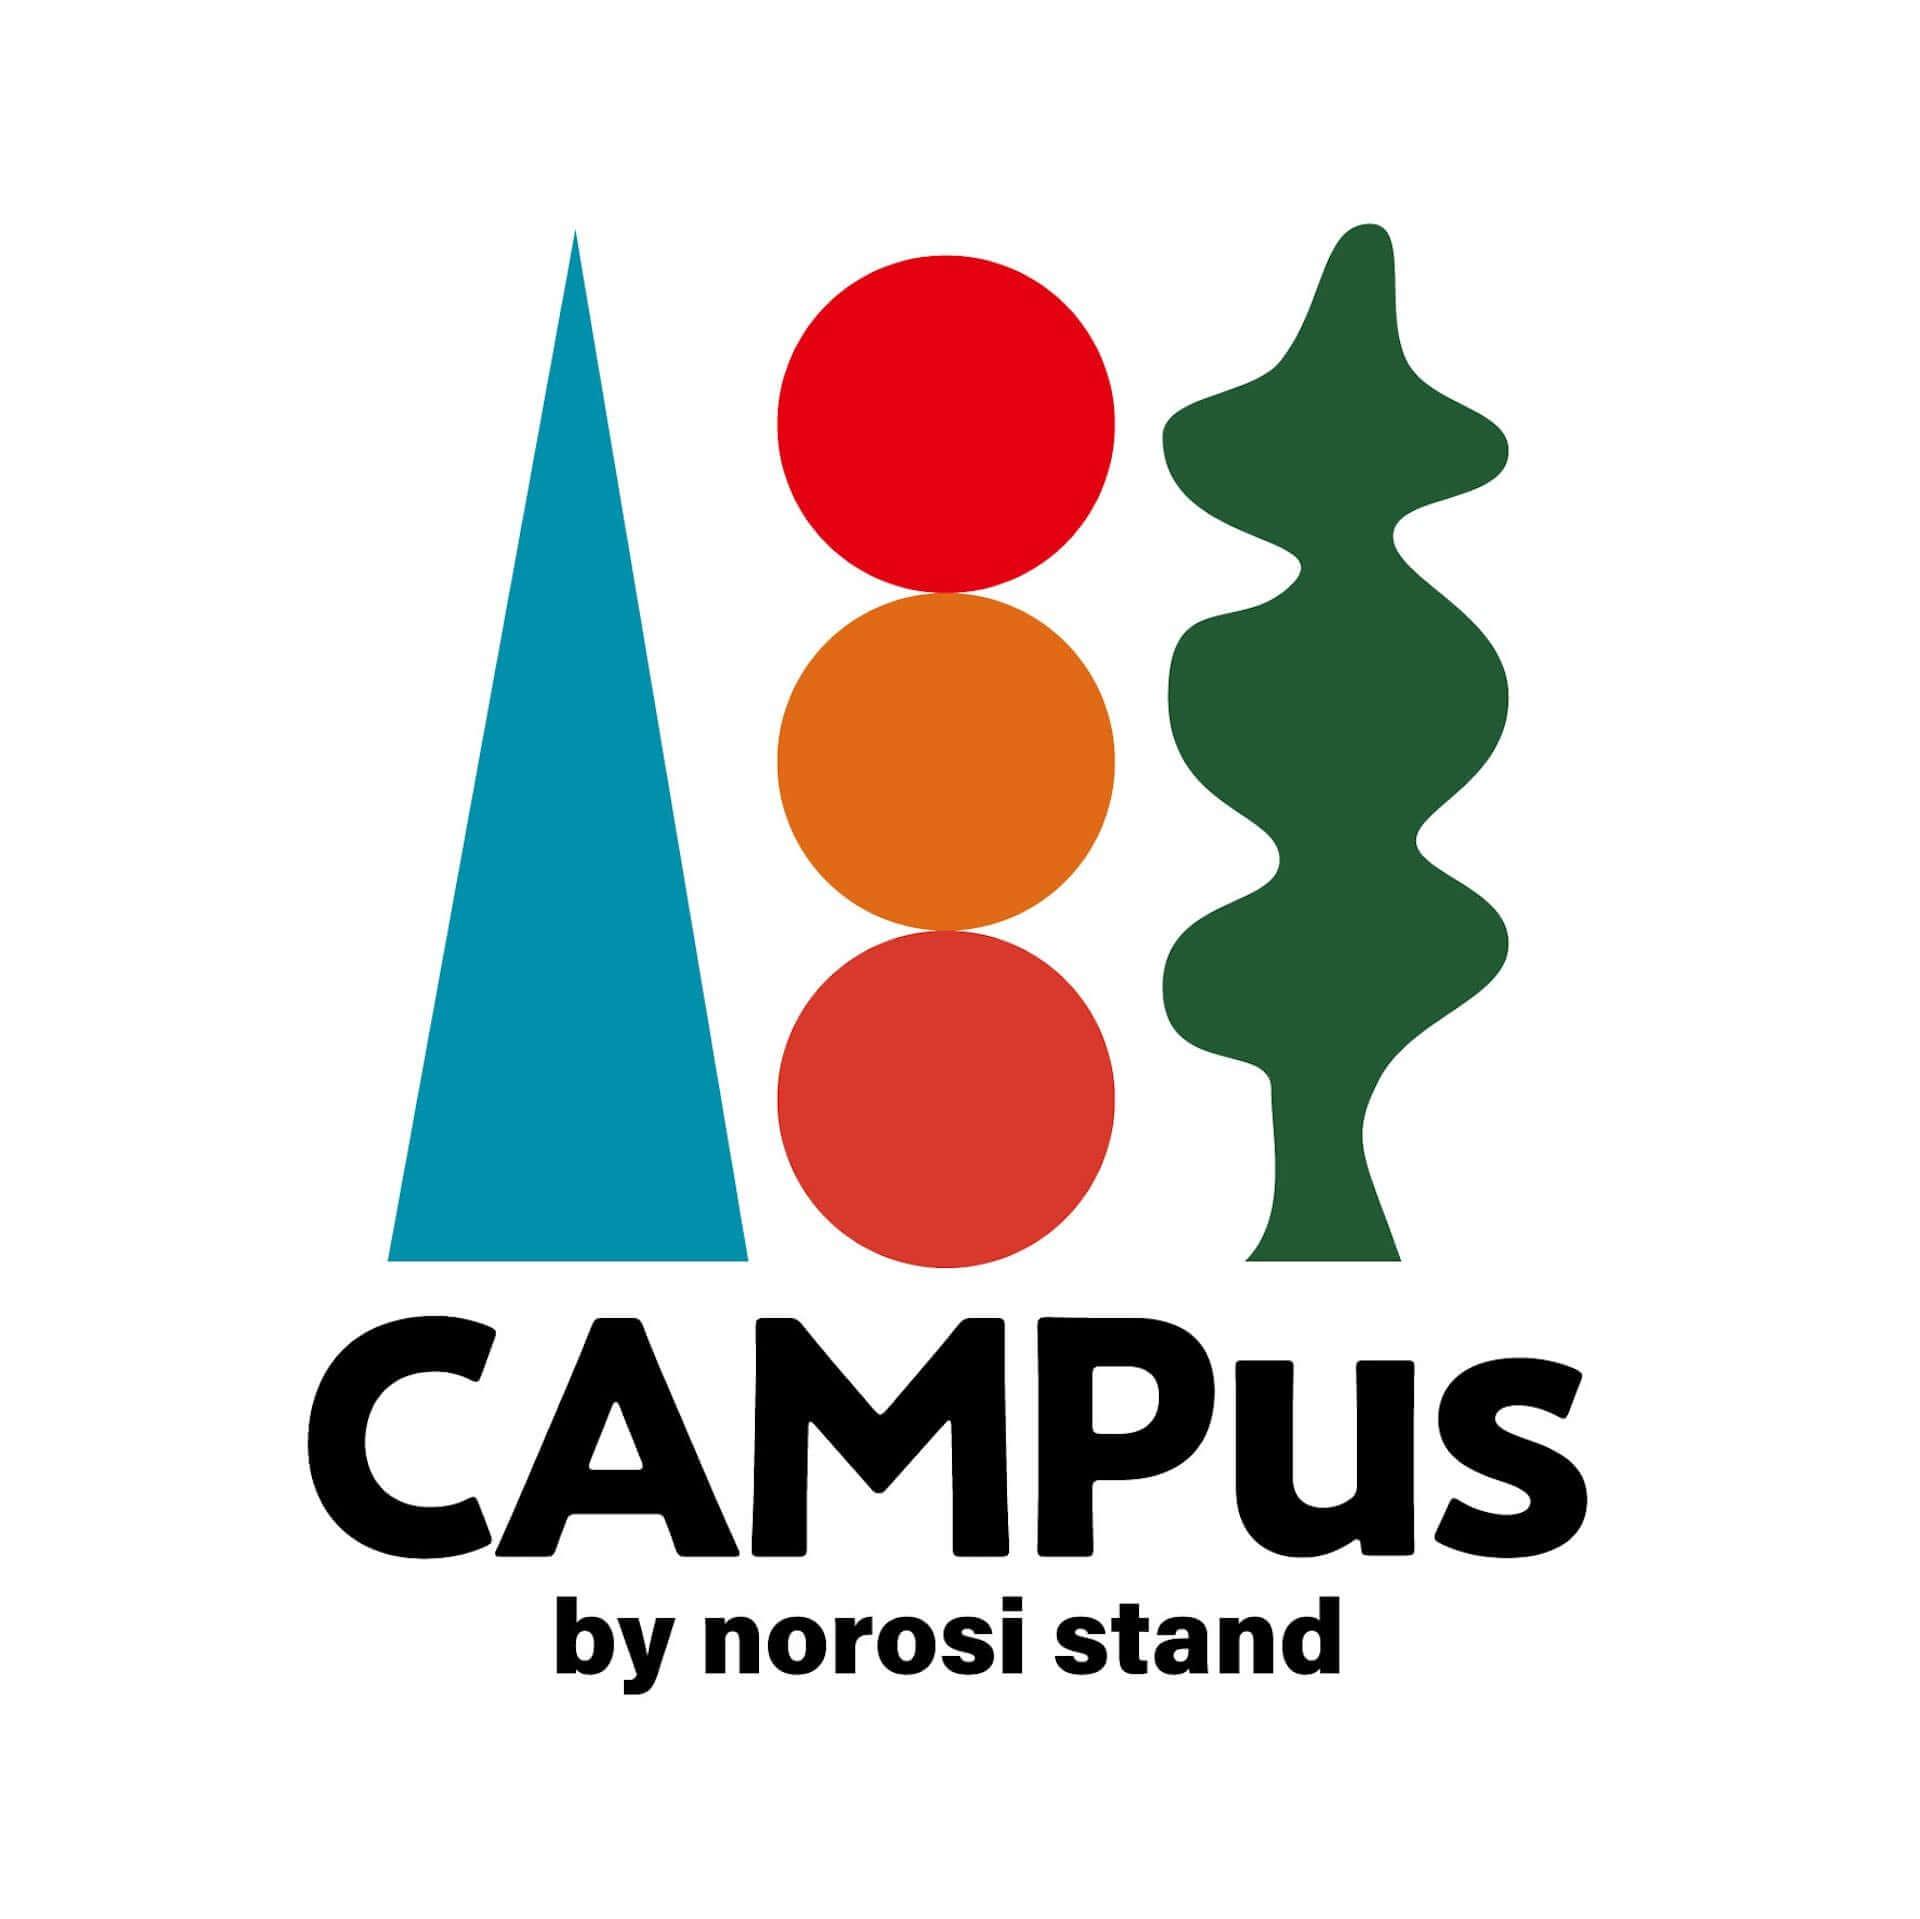 入場数限定のキャンプインイベント<CAMPus VOL.02>に児玉奈央、Monaural mini plugが出演決定! music200914_campus_1-1920x1919